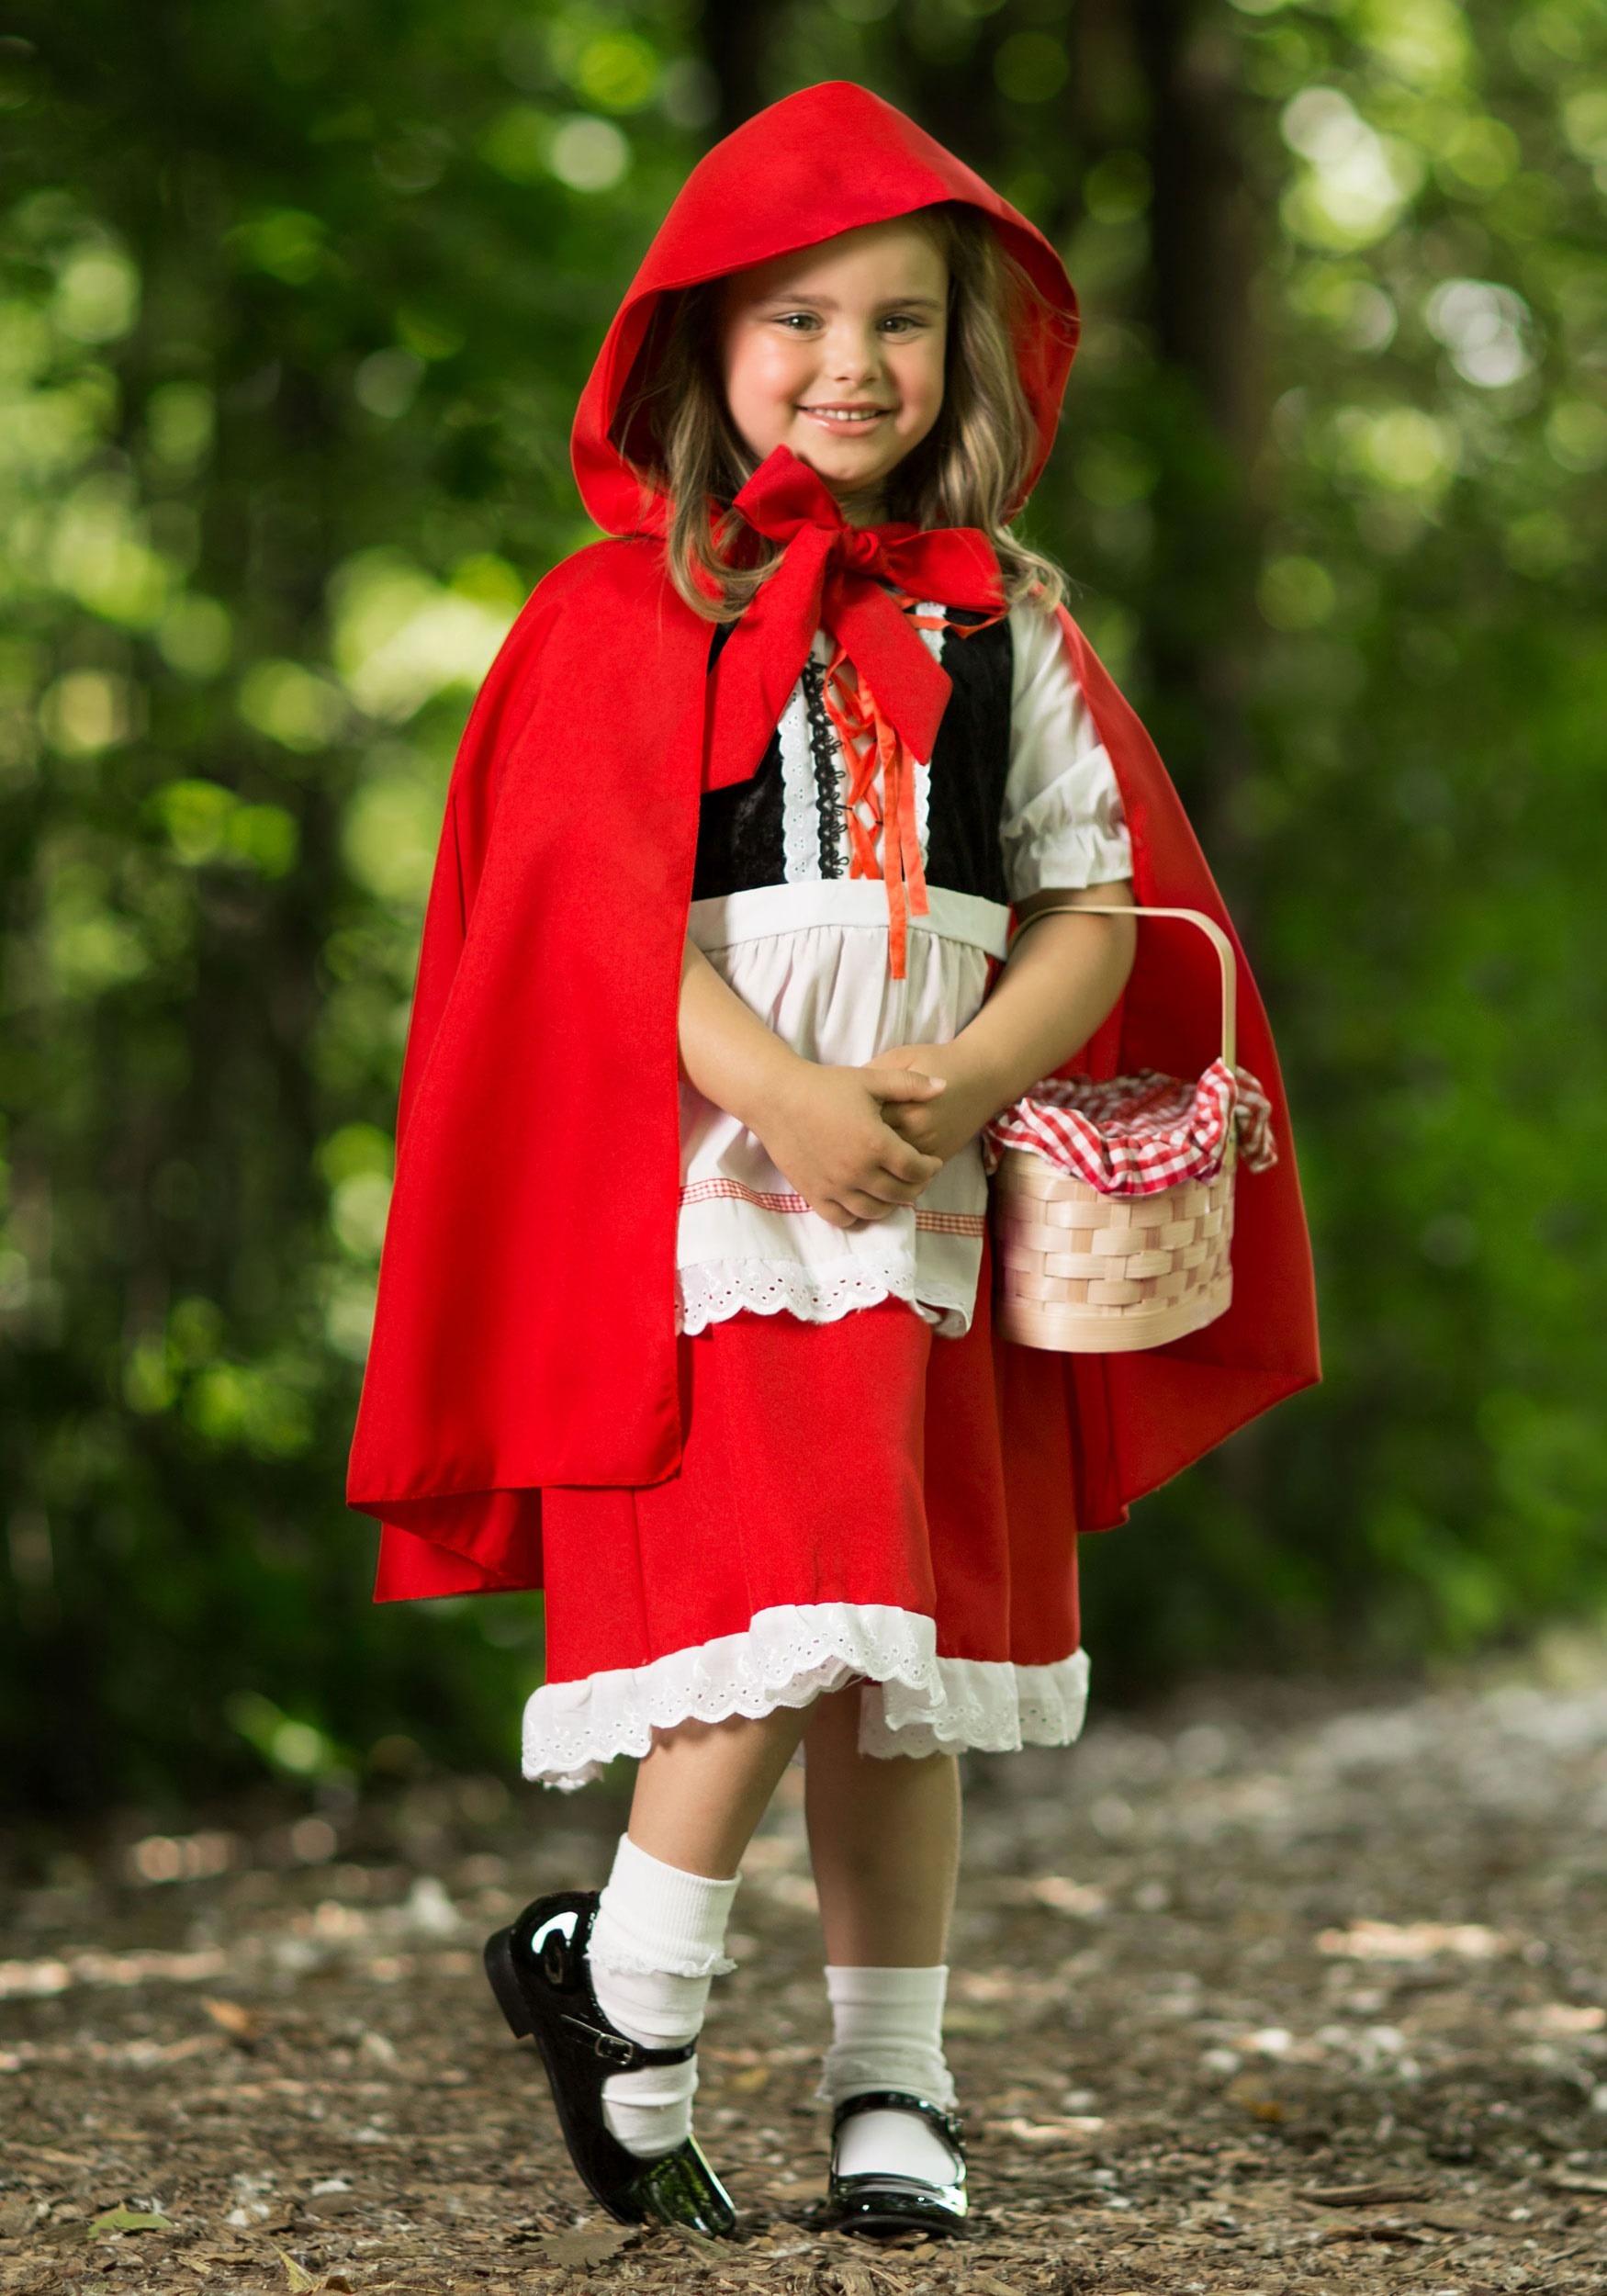 Little red riding hood skeletor